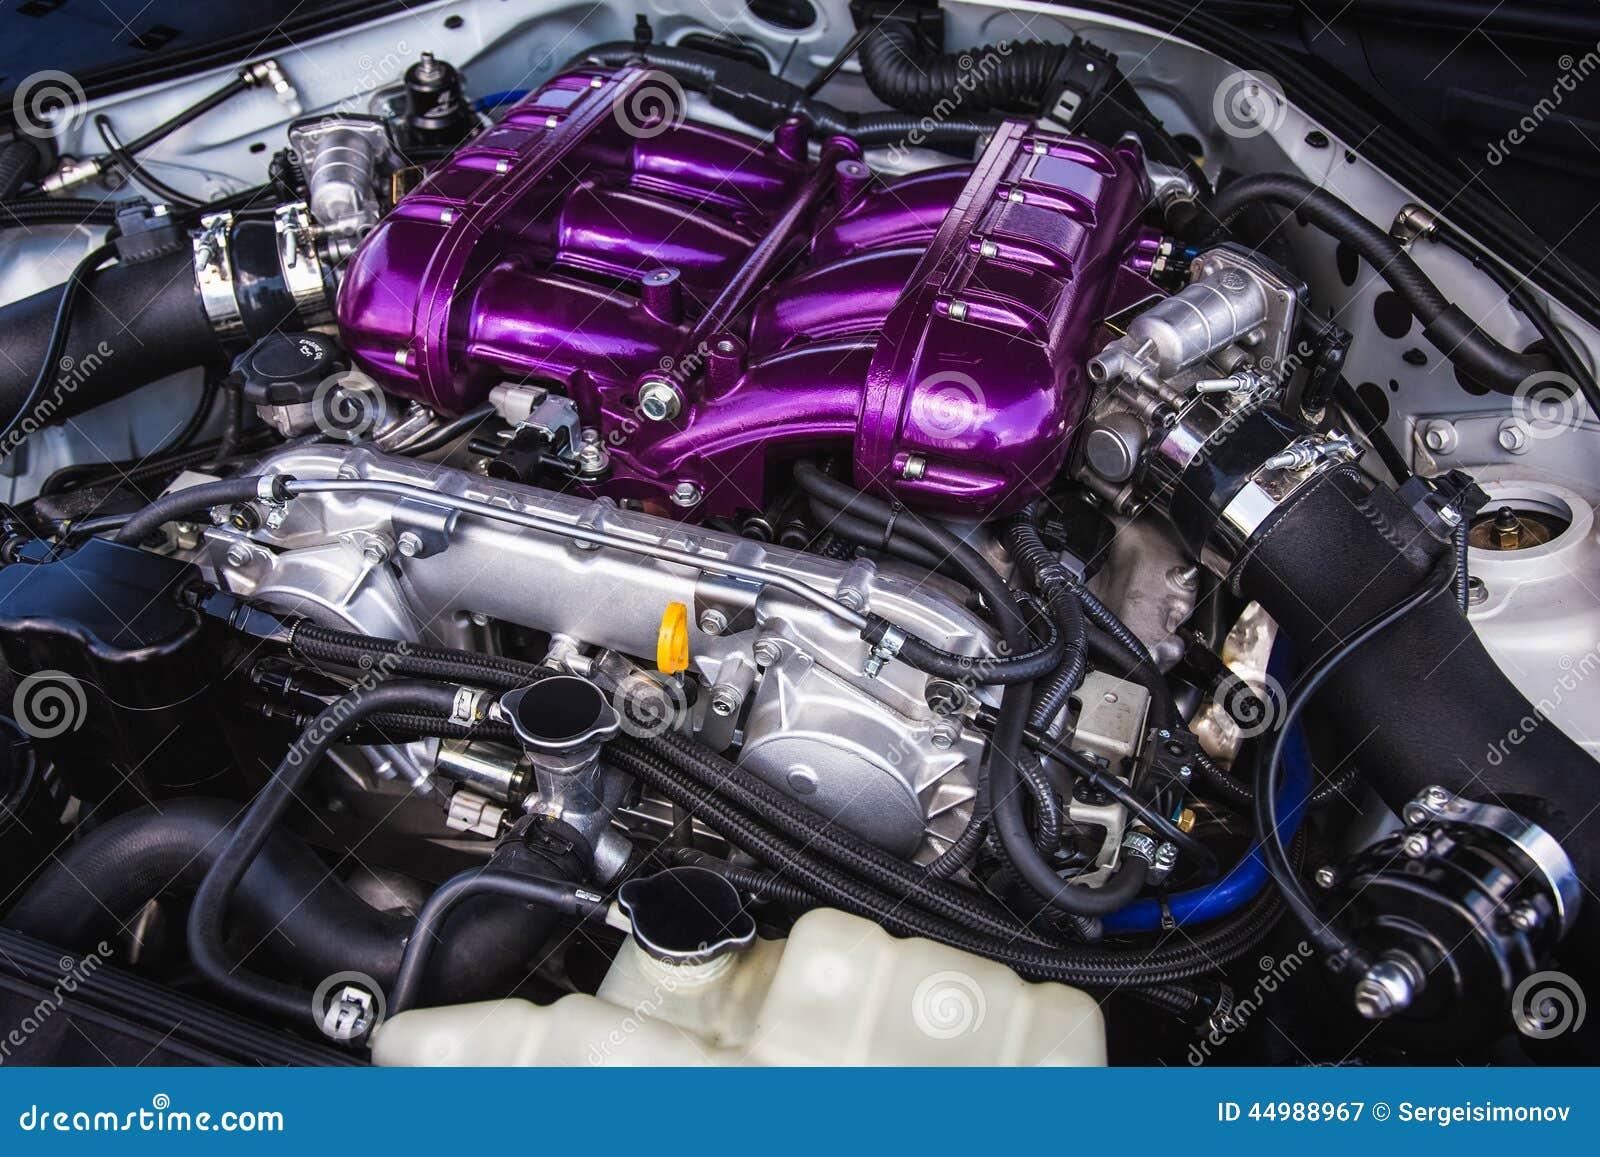 Sport Car Engine Stock Image Image Of Hood Camshafts 44988967